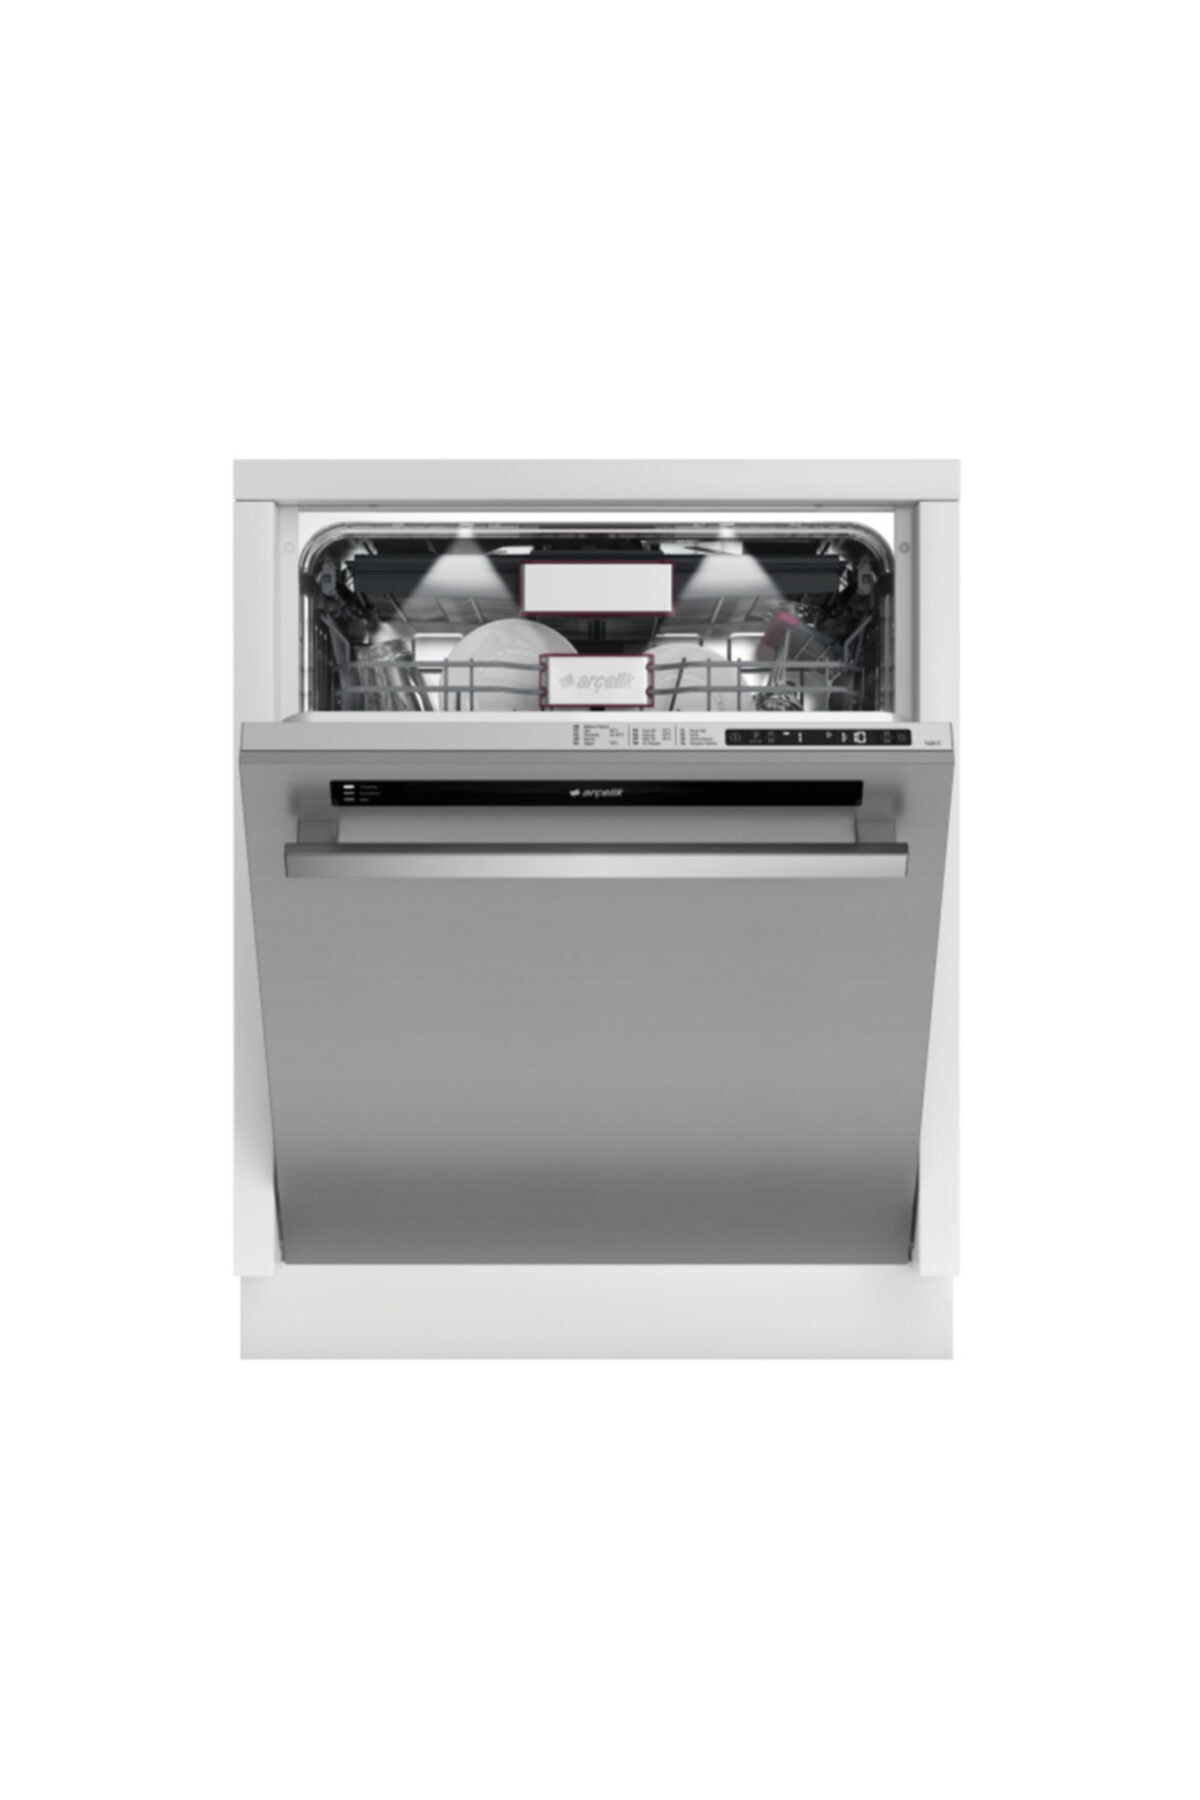 Arçelik 9485 Fı 8 Programlı Tezgah Altı Ankastre Bulaşık Makinesi Fiyatı,  Yorumları - TRENDYOL